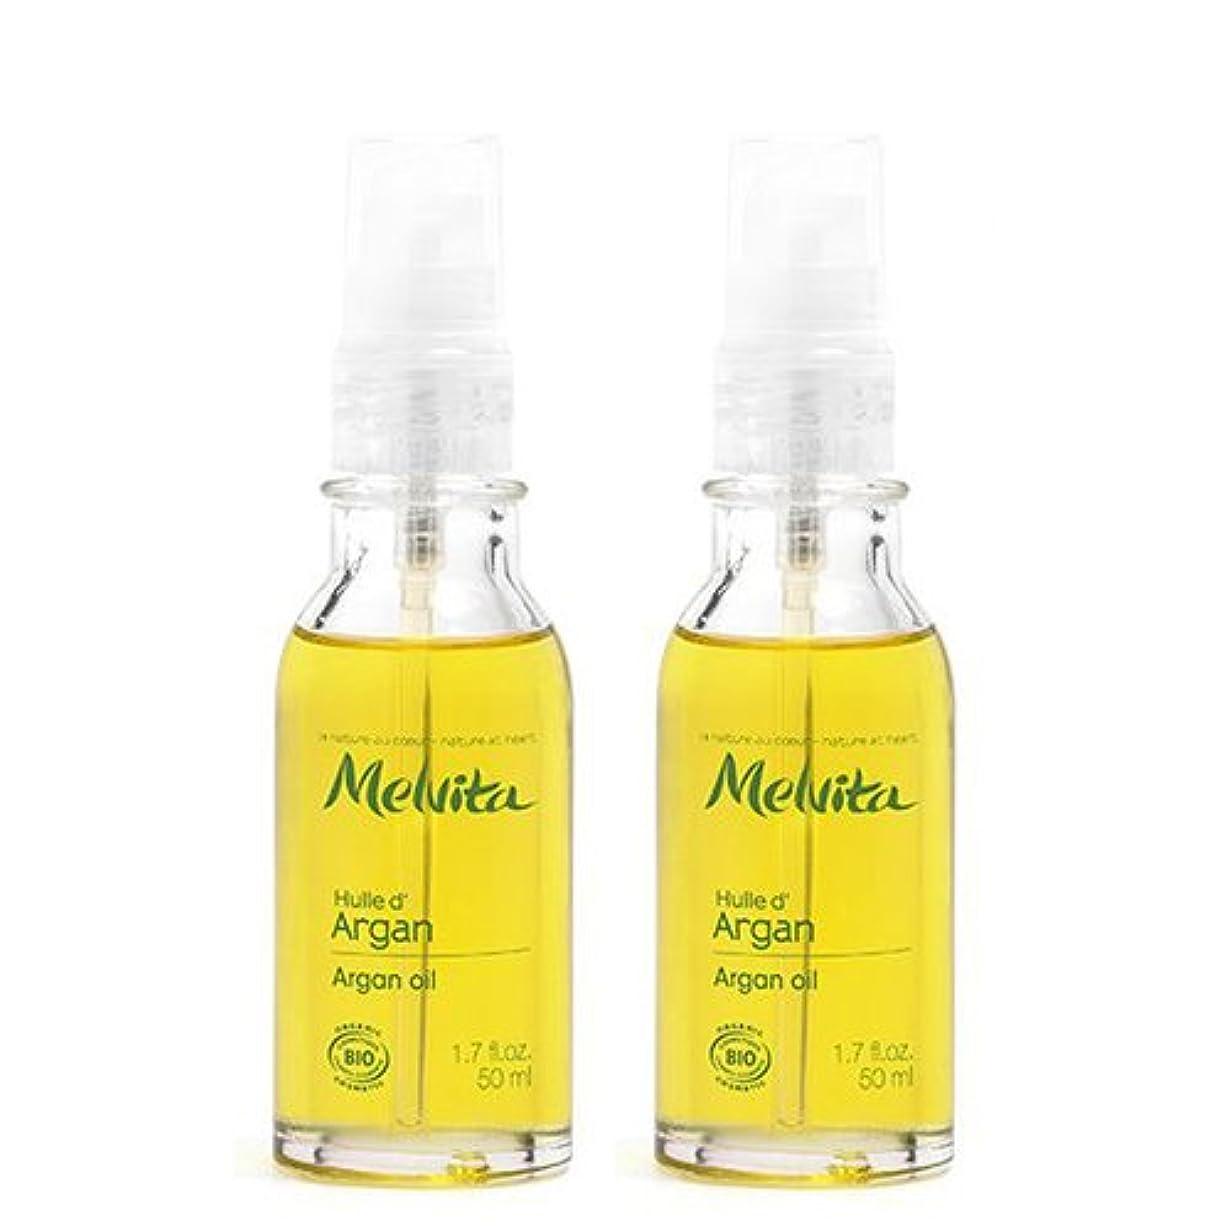 ことわざうねる近代化メルヴィータ(Melvita) 2個セット ビオオイル アルガン オイル 50ml [並行輸入品]